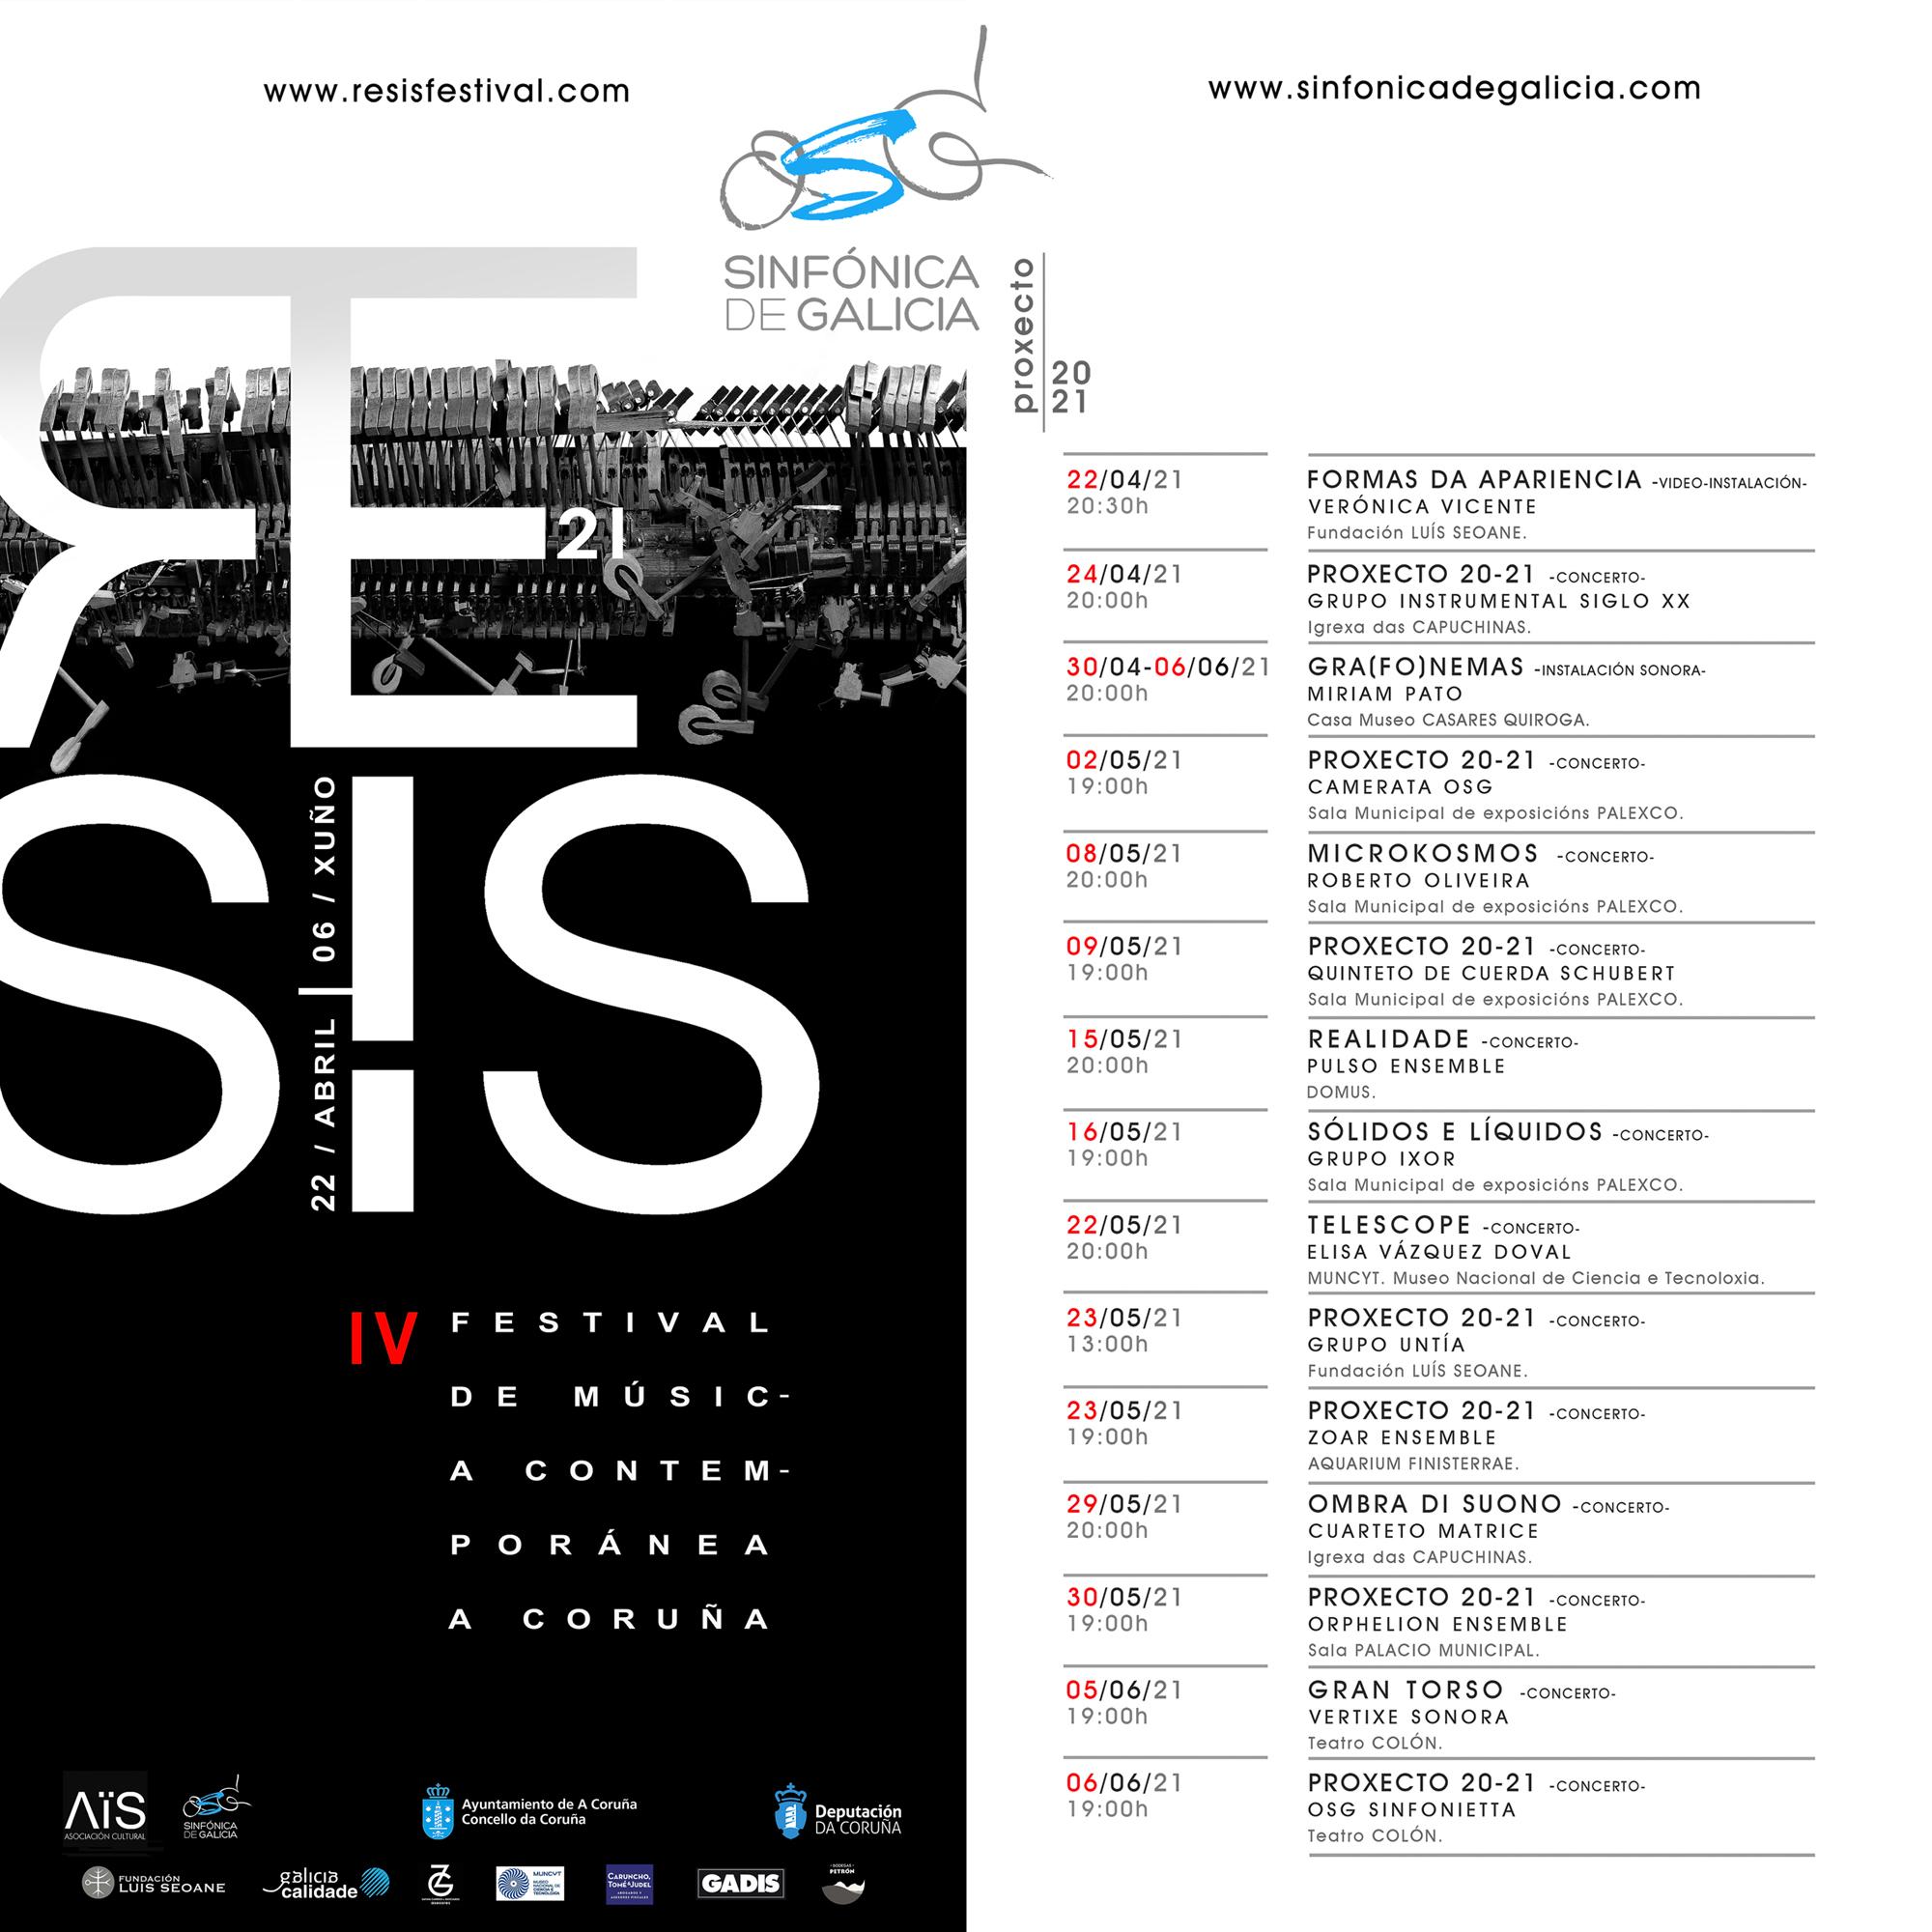 La OSG estrena doce obras de otros tantos autores gallegos en el IV Festival Resis